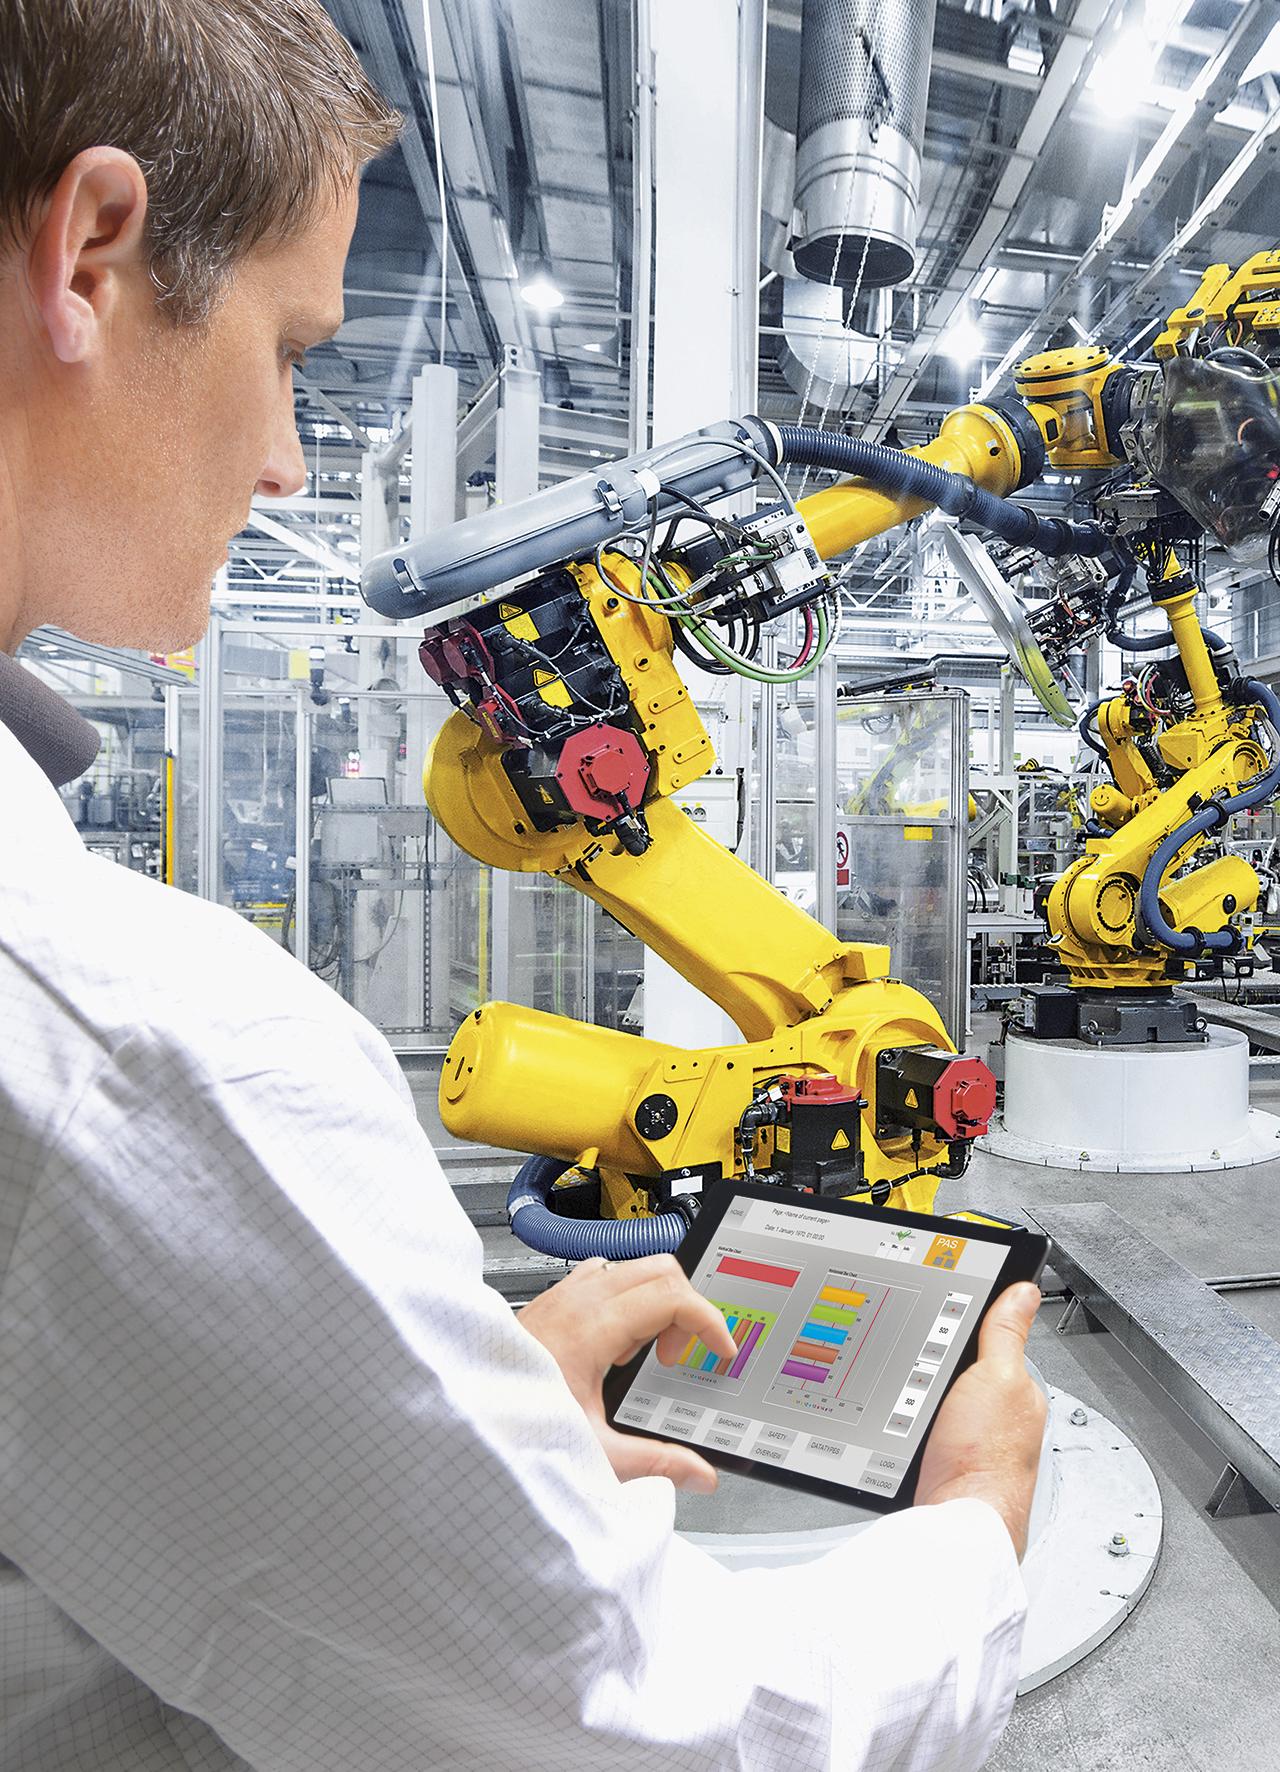 Bei den angestrebten Produktionssystemen handelt es sich um hochgradig vernetzte Strukturen mit einer Vielzahl von beteiligten Menschen, IT-Systemen, Automatisierungskomponenten und Maschinen. Zwischen den teilweise autonom agierenden technischen Systemkomponenten findet ein reger und oft zeitkritischer Daten- und Informationsaustausch statt. Sicherheit wird zum erfolgskritischen Faktor.